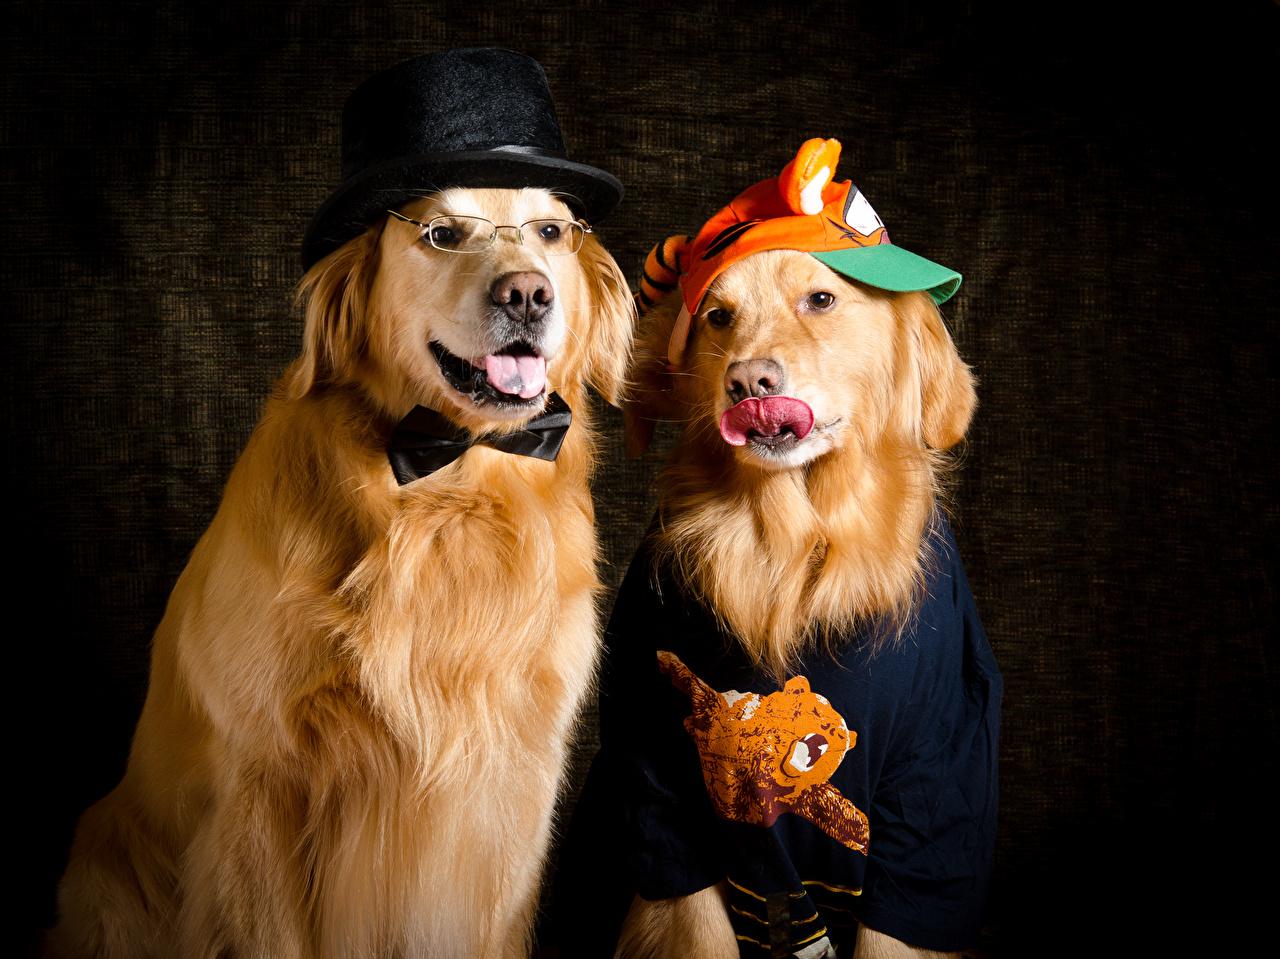 Фото Золотистый ретривер Собаки 2 шляпе Животные собака две два Двое шляпы Шляпа вдвоем животное